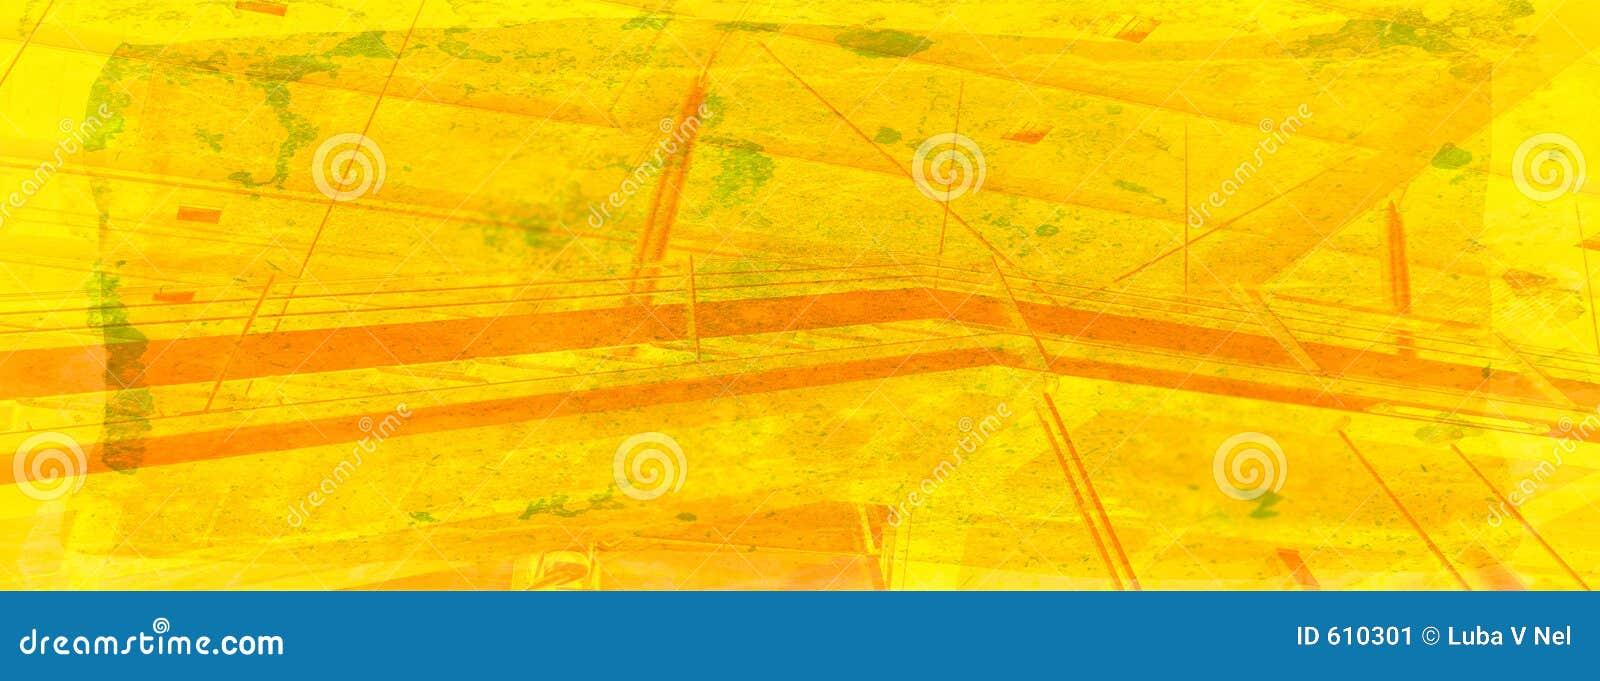 De samenvatting van het station in warme geel op grungeachtergrond